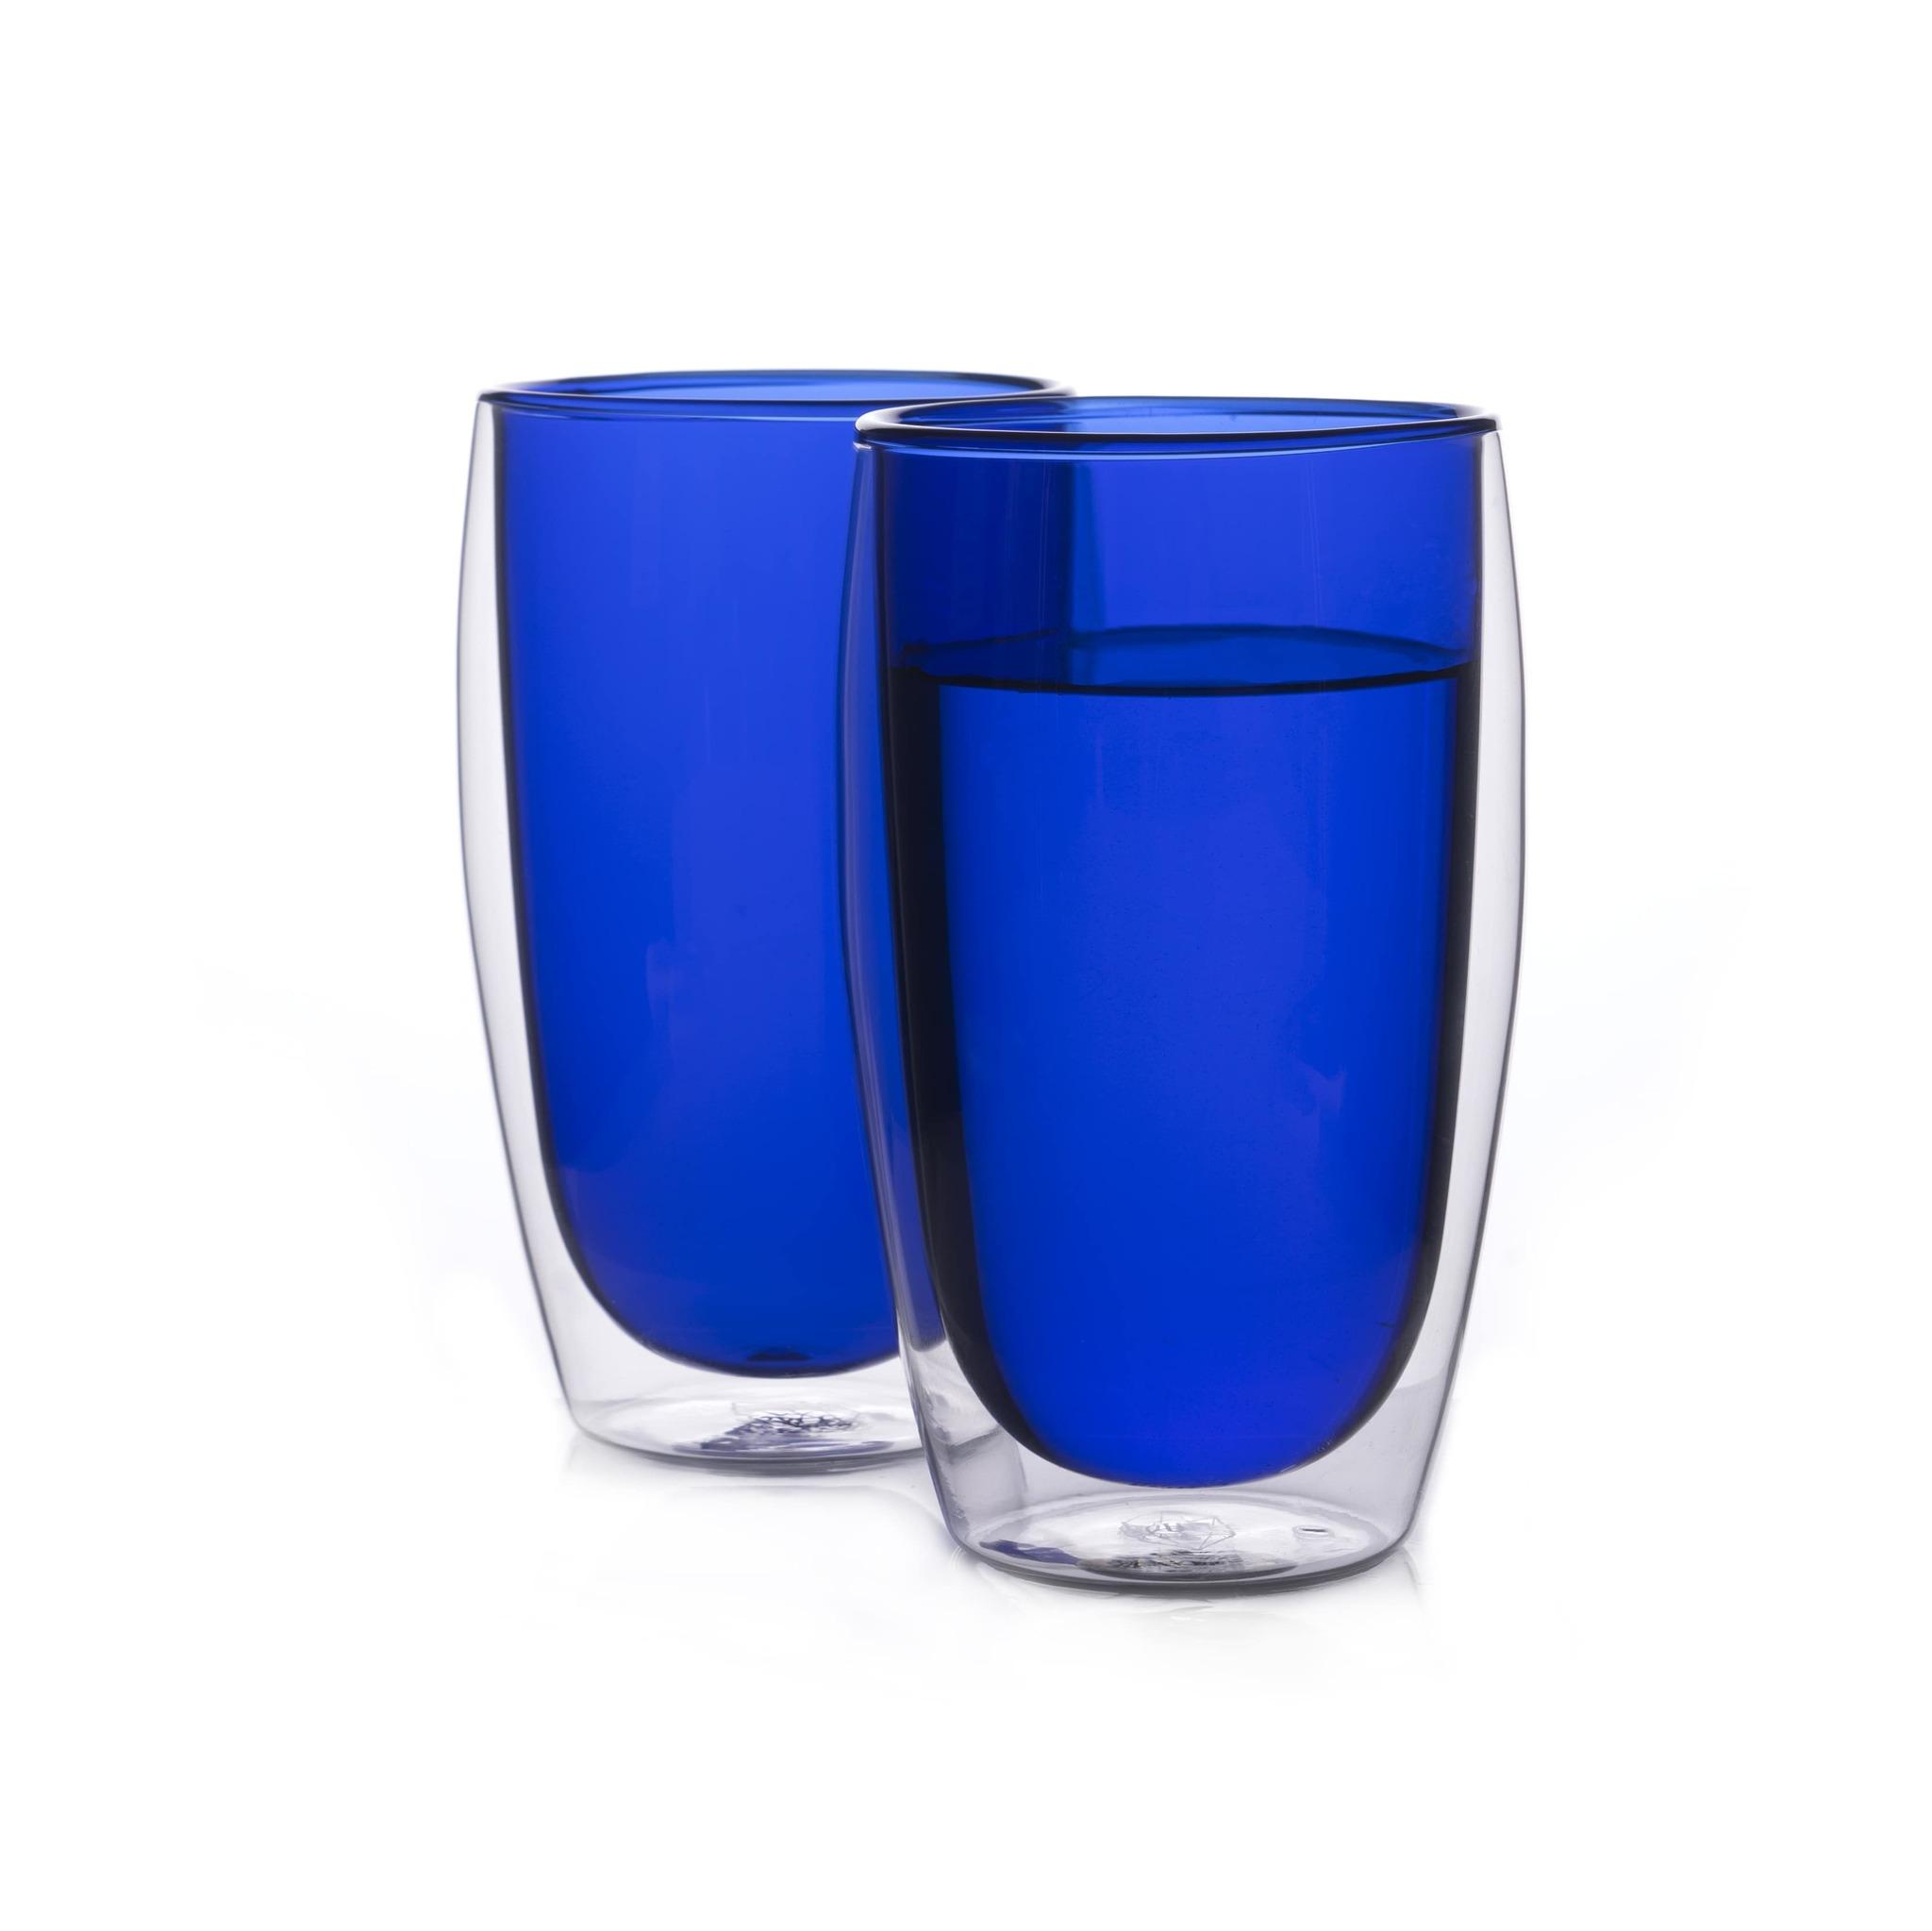 Цветные стаканы и кружки Стеклянные стаканы с двойными стенками синего цвета 2 штуки, 450 мл синий1-min.jpg